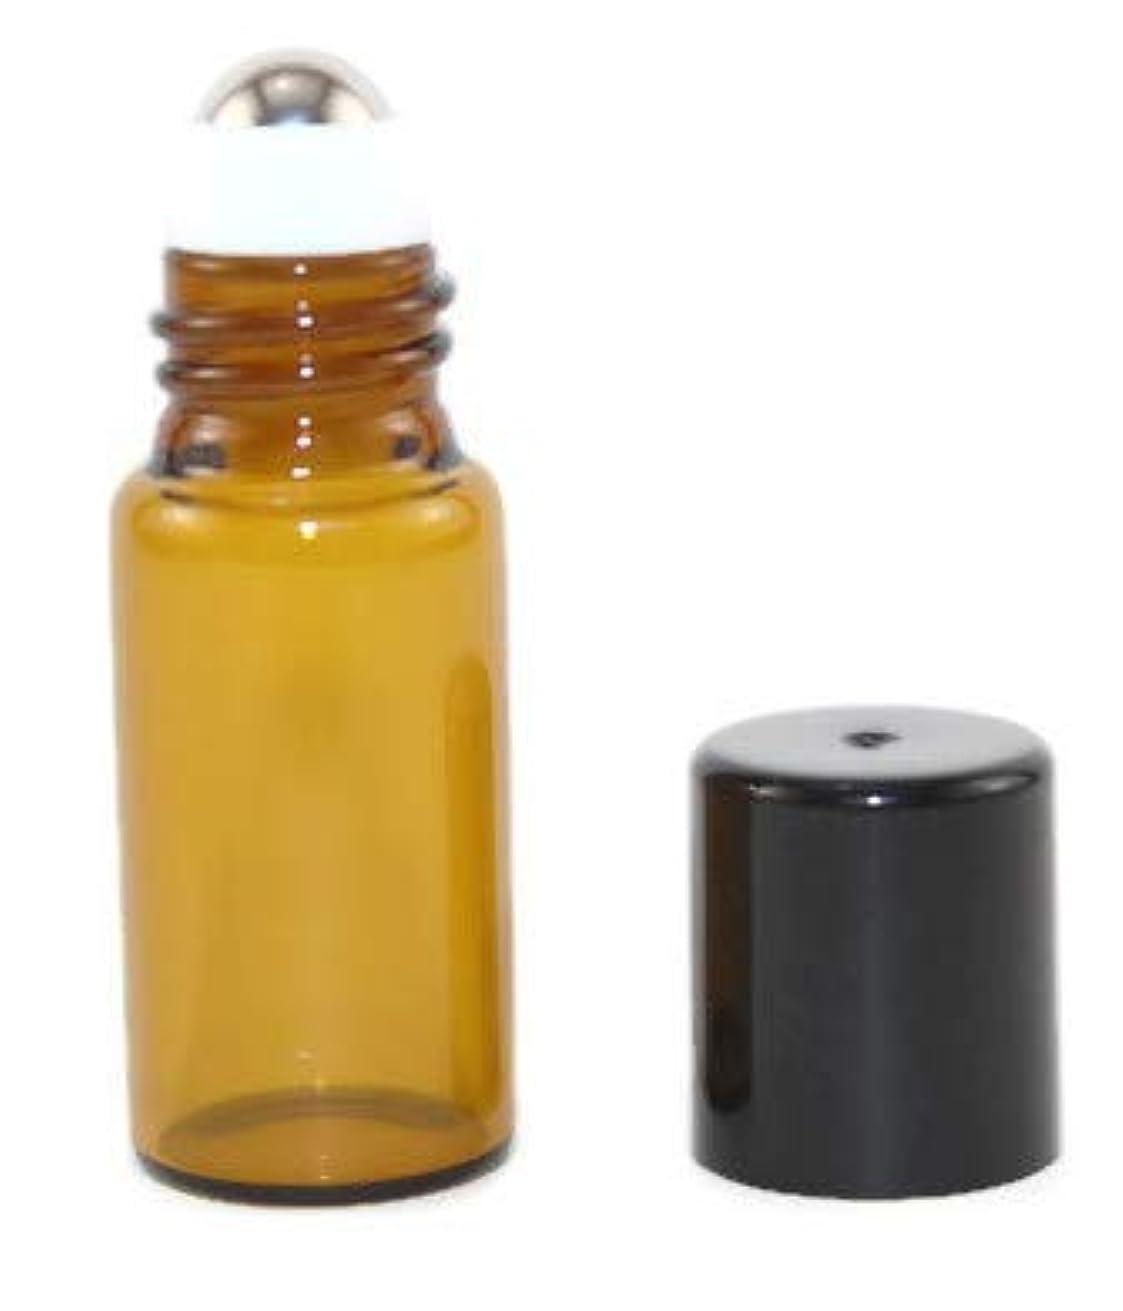 天使うまれた追い付くUSA 144 Amber Glass 3 ml Mini Roll-On Glass Bottles with Stainless Steel Roller Balls - Refillable Aromatherapy...